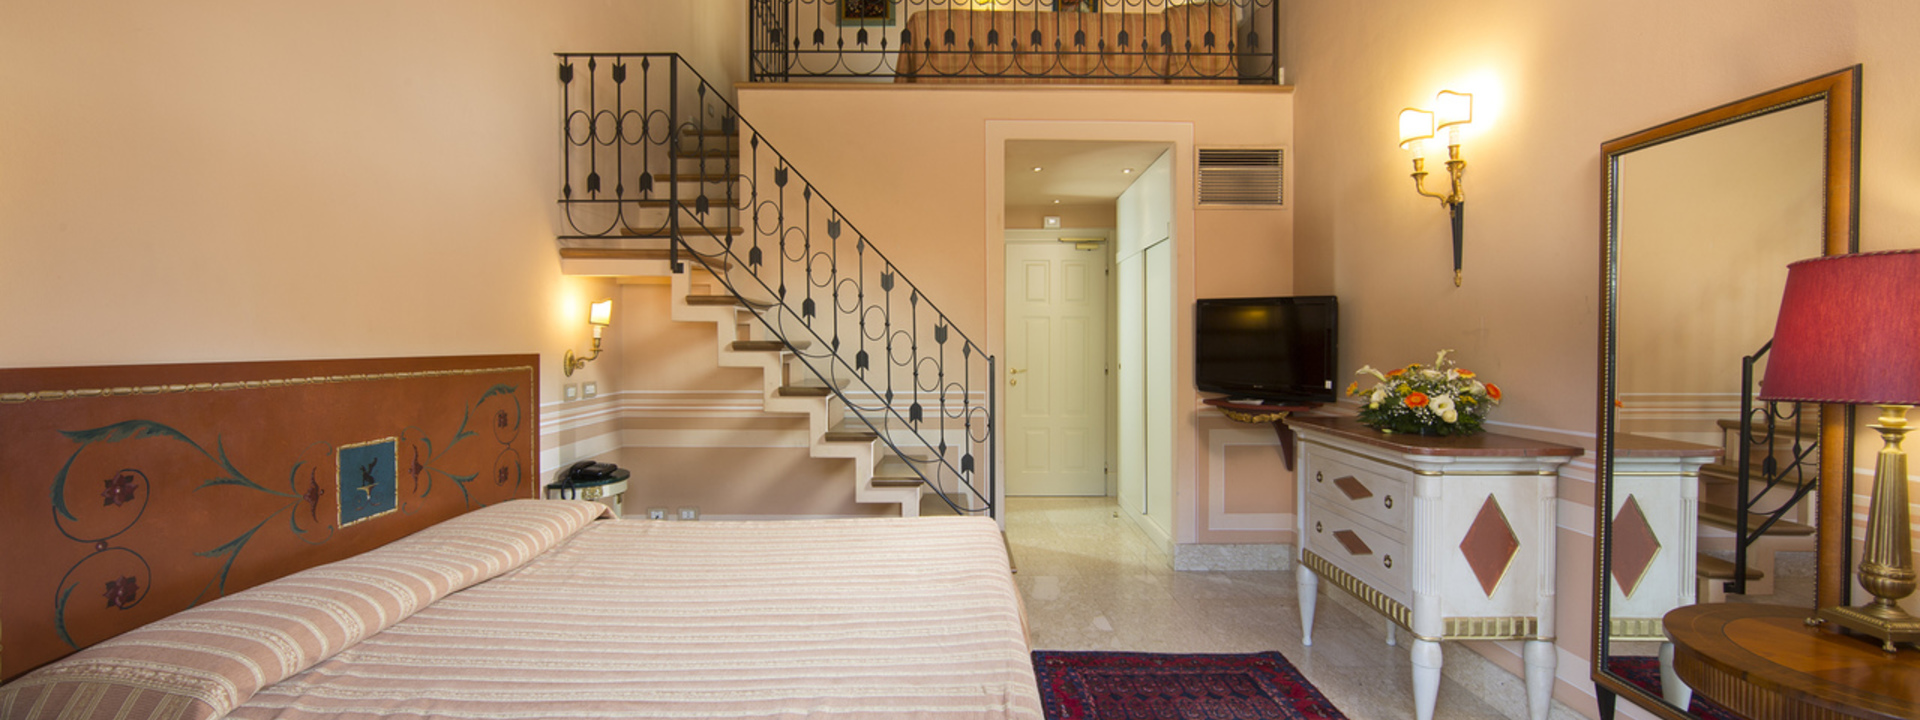 Hotel Siena con Parcheggio Privato – Il Piccolo Castello